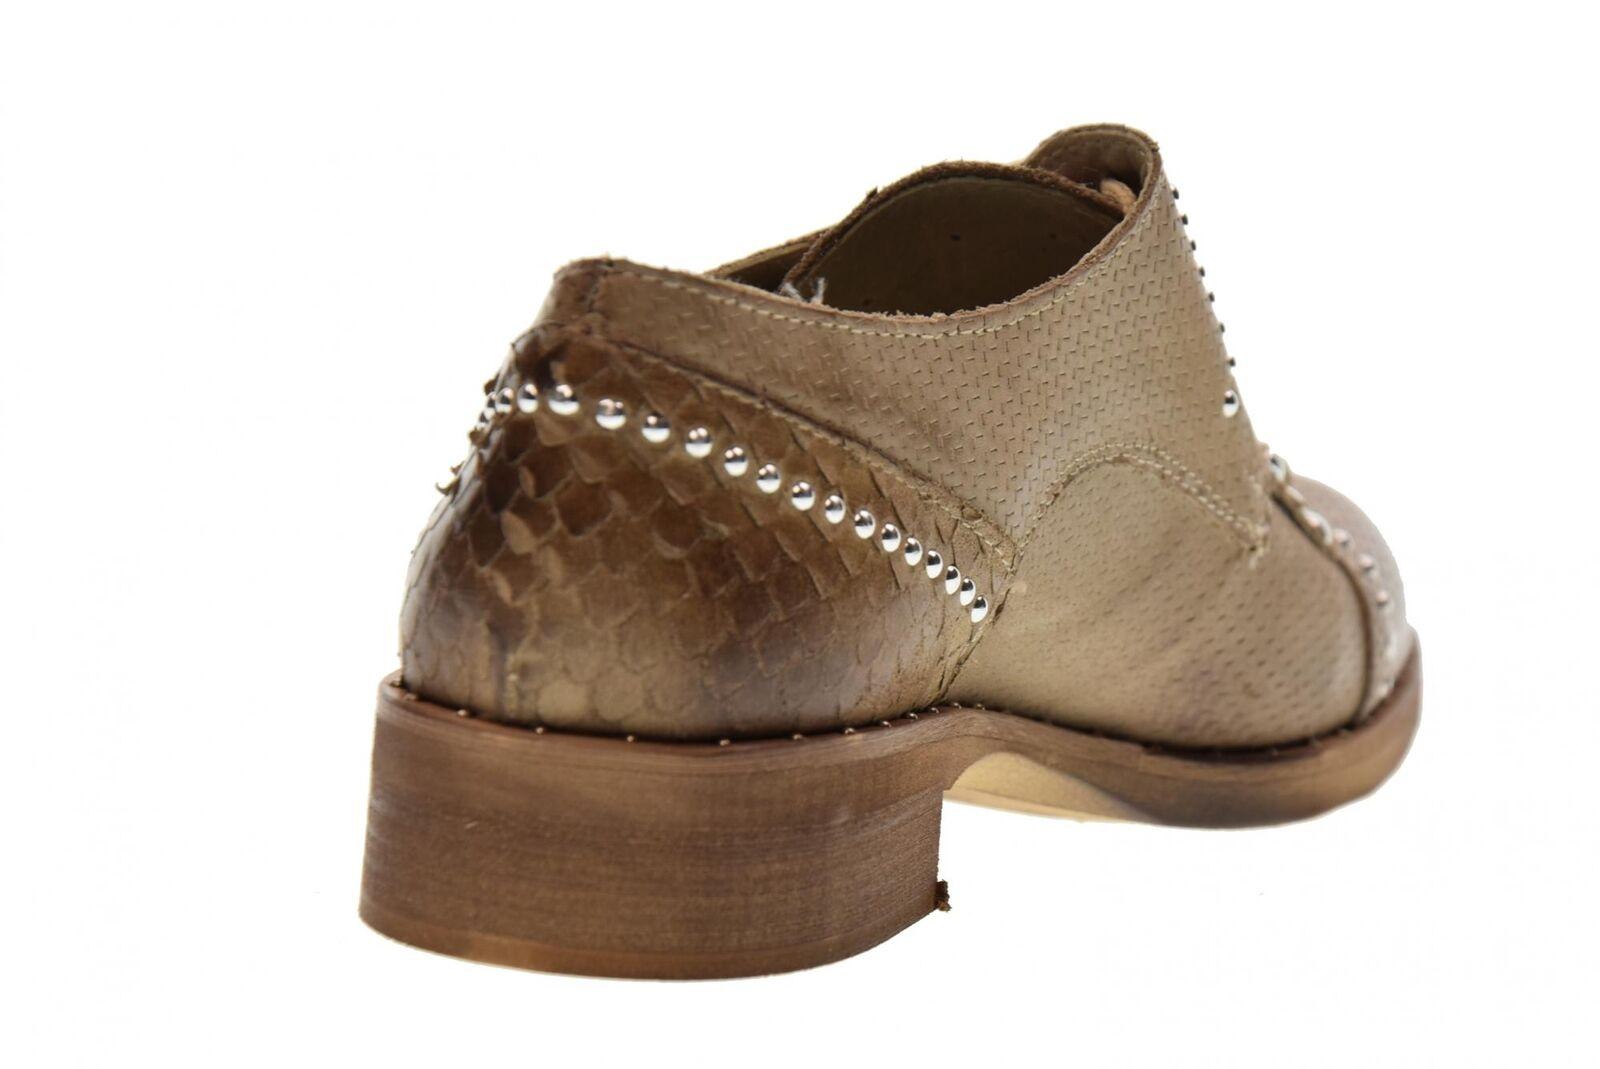 Erman's los chaussures de las femmeses clásicas 126 126 126 BEIGE P18s 19977d